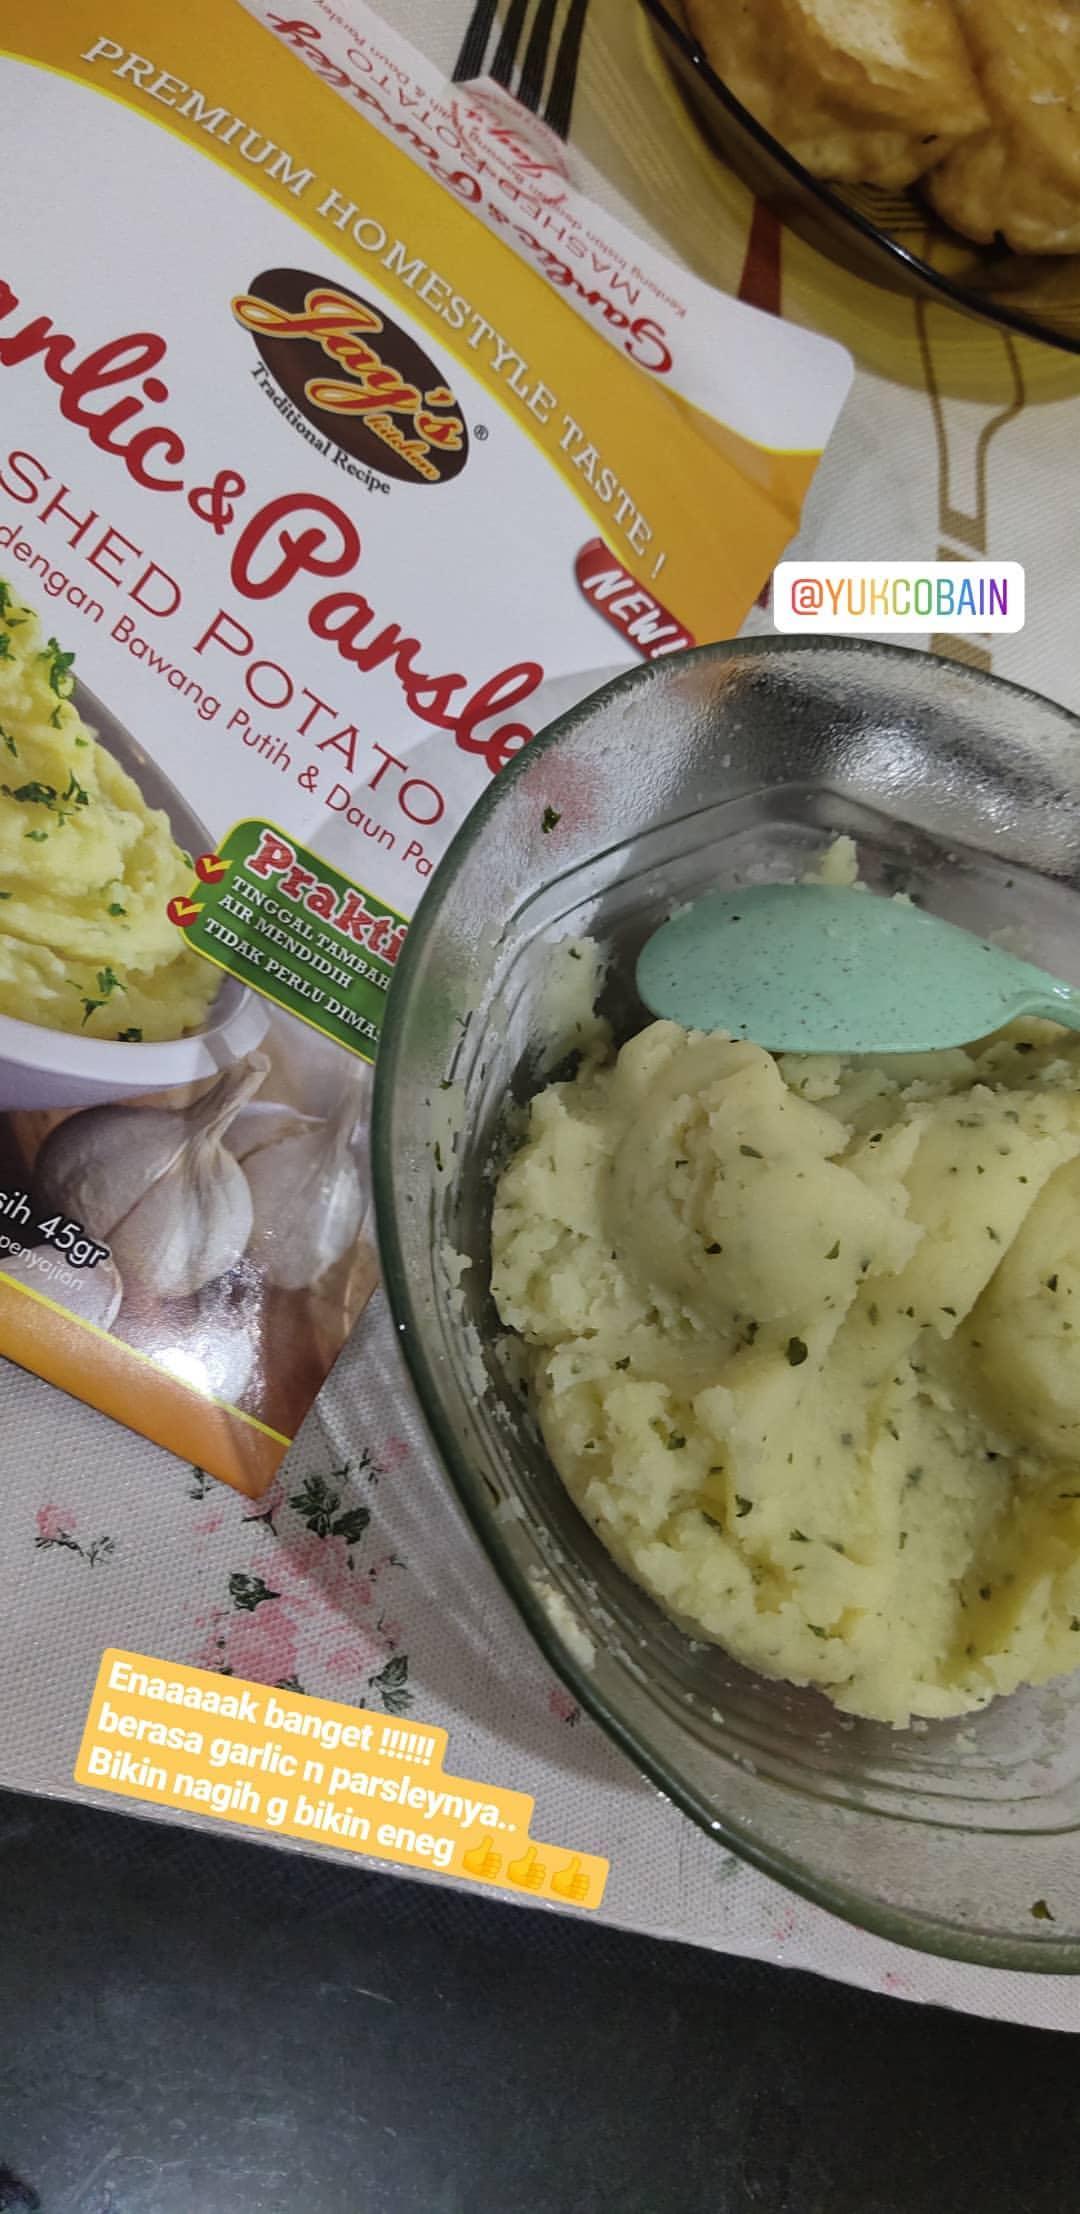 gambar review ke-1 untuk Jay's Kitchen Garlic and Parsley Mashed Potato